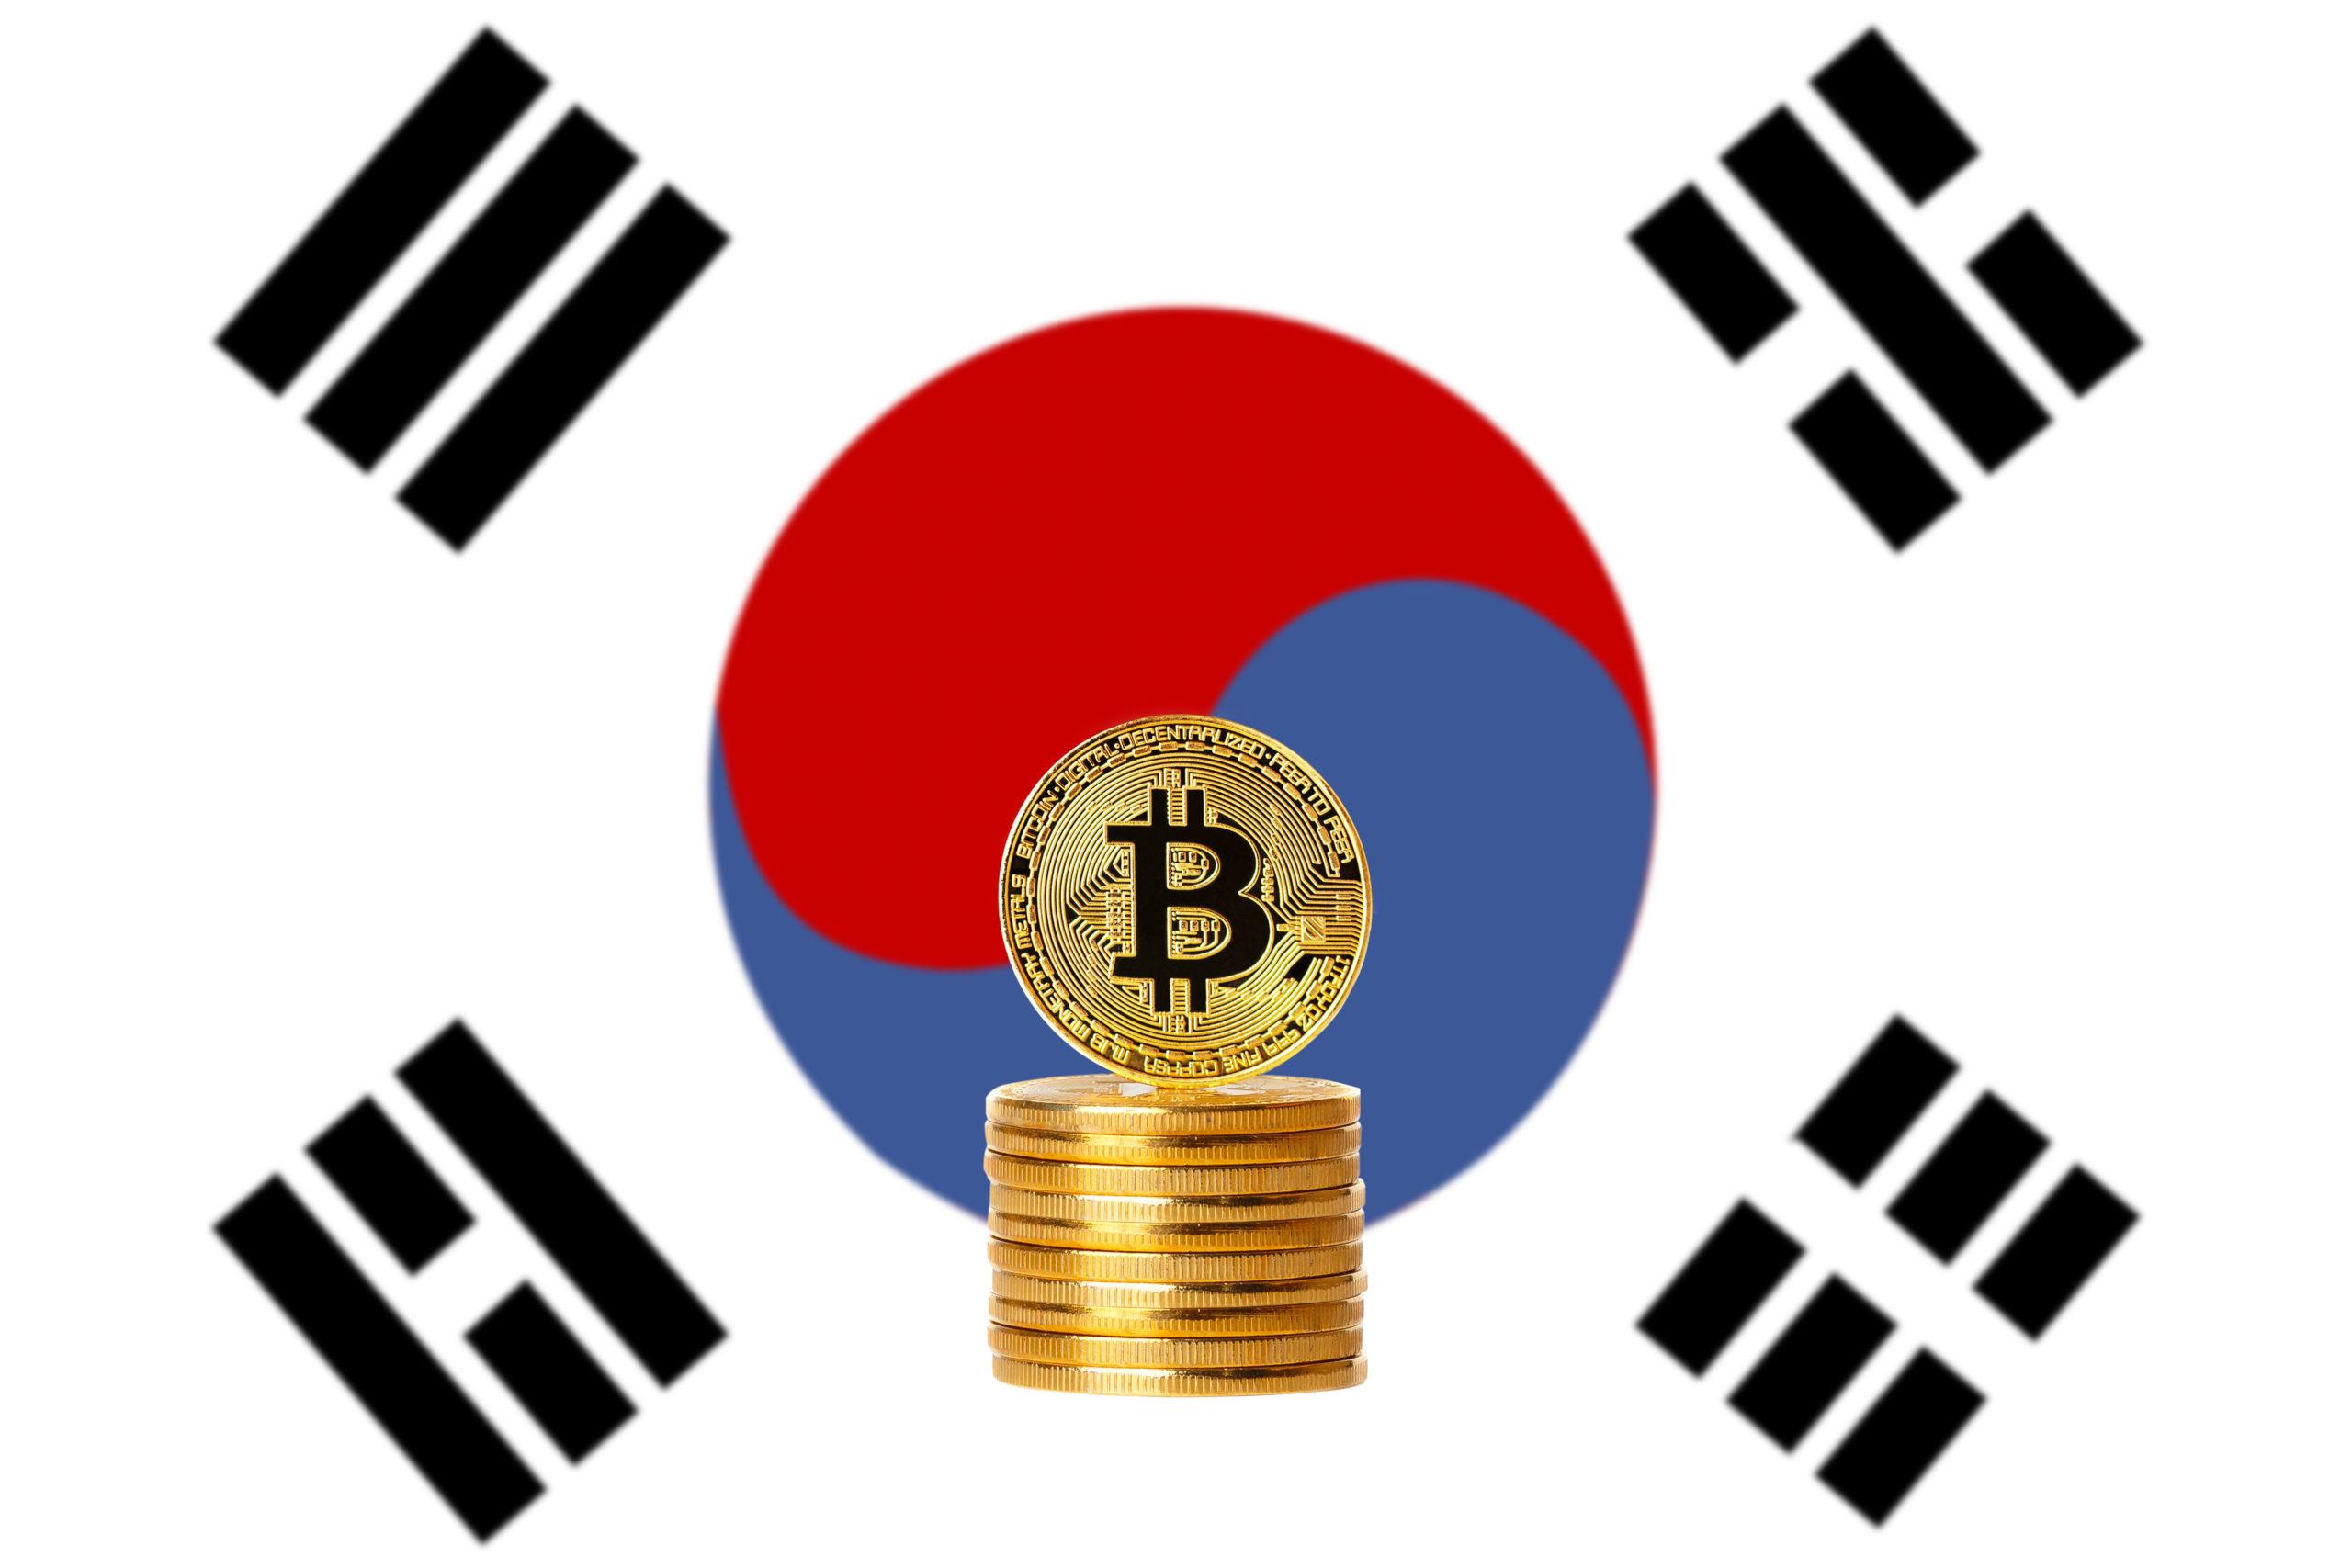 Güney Kore Kripto Paralara Yeşil Işık Yaktı scaled